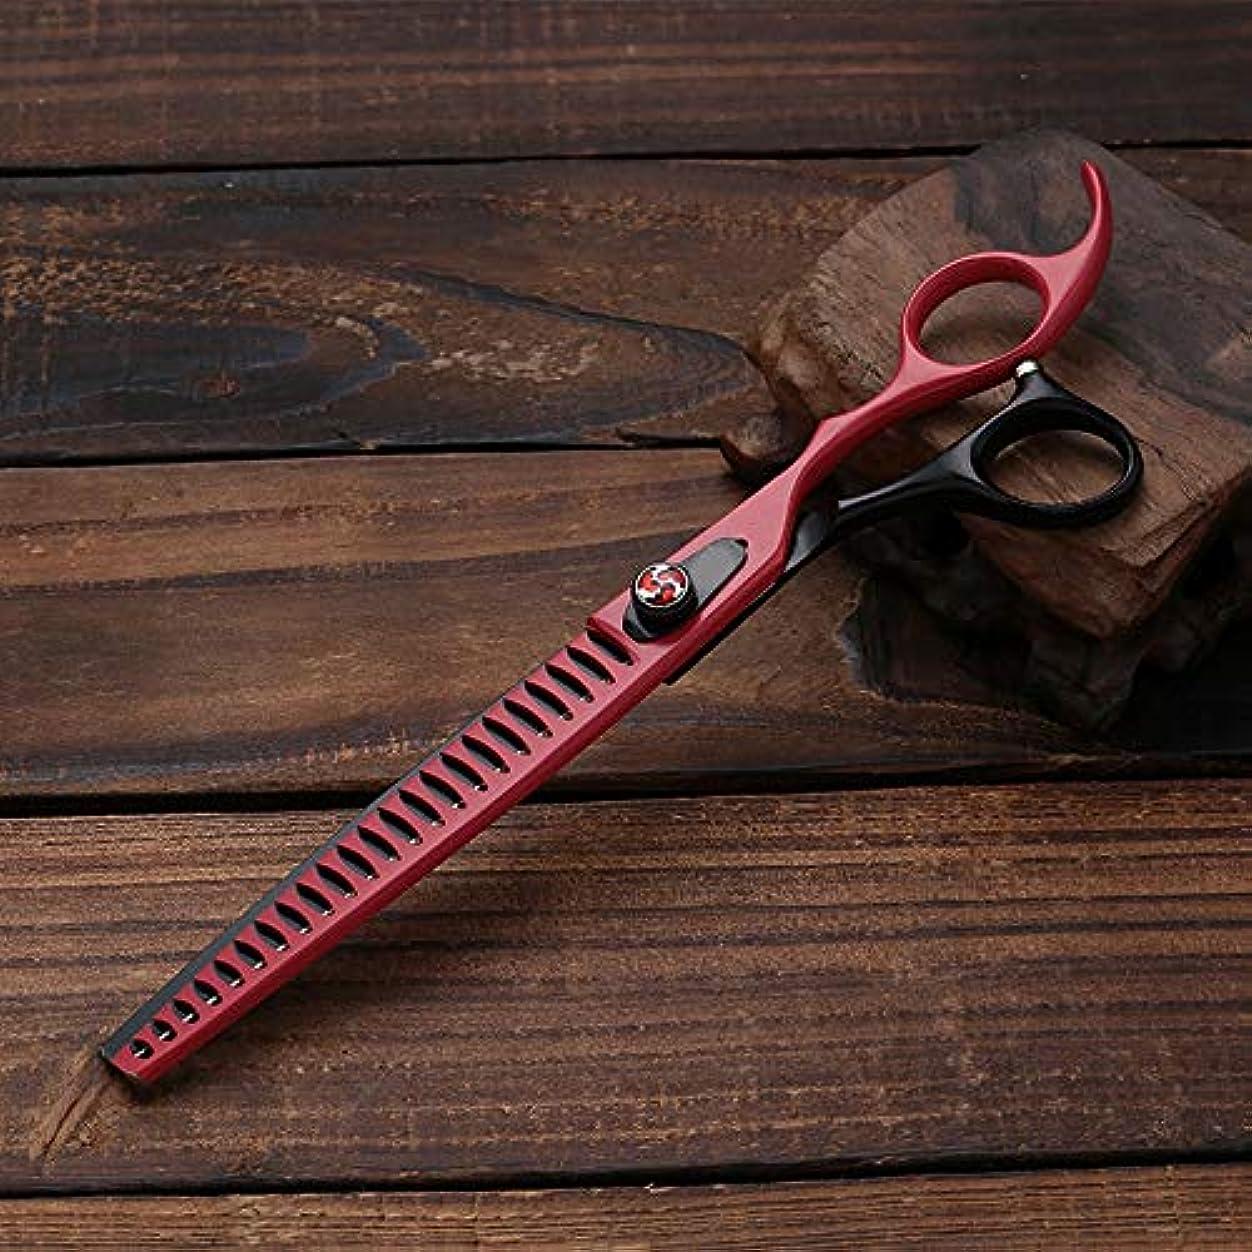 月曜日ネーピア欠かせない8.0インチの魚骨はさみ美容はさみペットの歯のカット ヘアケア (色 : Black red)